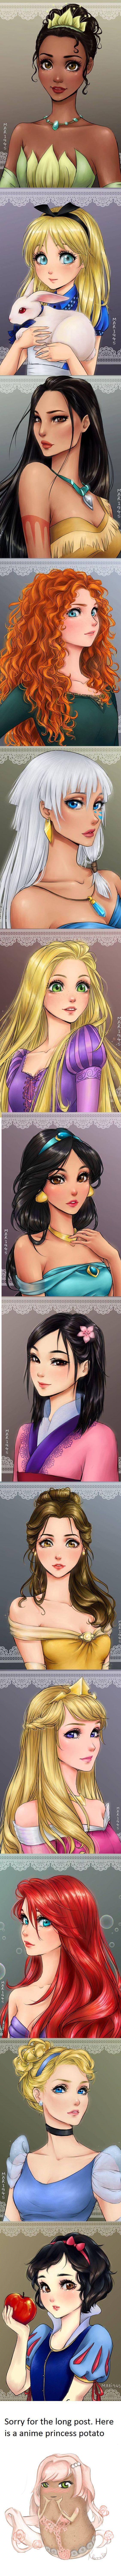 À quoi ressembleraient les princesses Disney si elles étaient…des personnages de manga ?